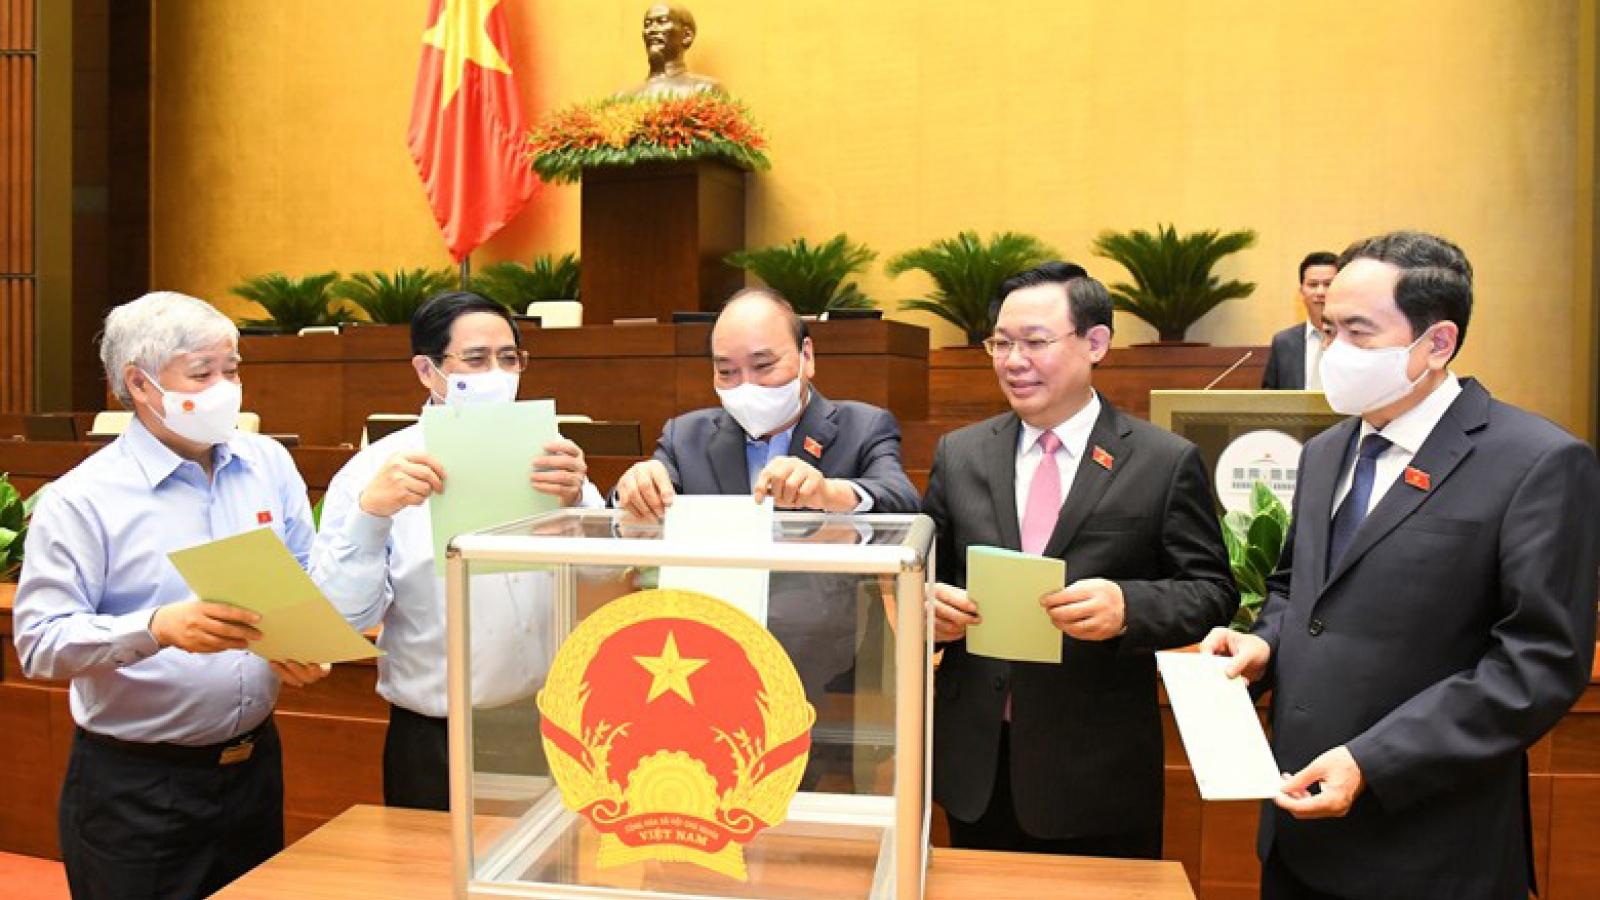 Hôm nay, Chủ tịch nước, Thủ tướng và Chánh án TAND tối cao tuyên thệ nhậm chức